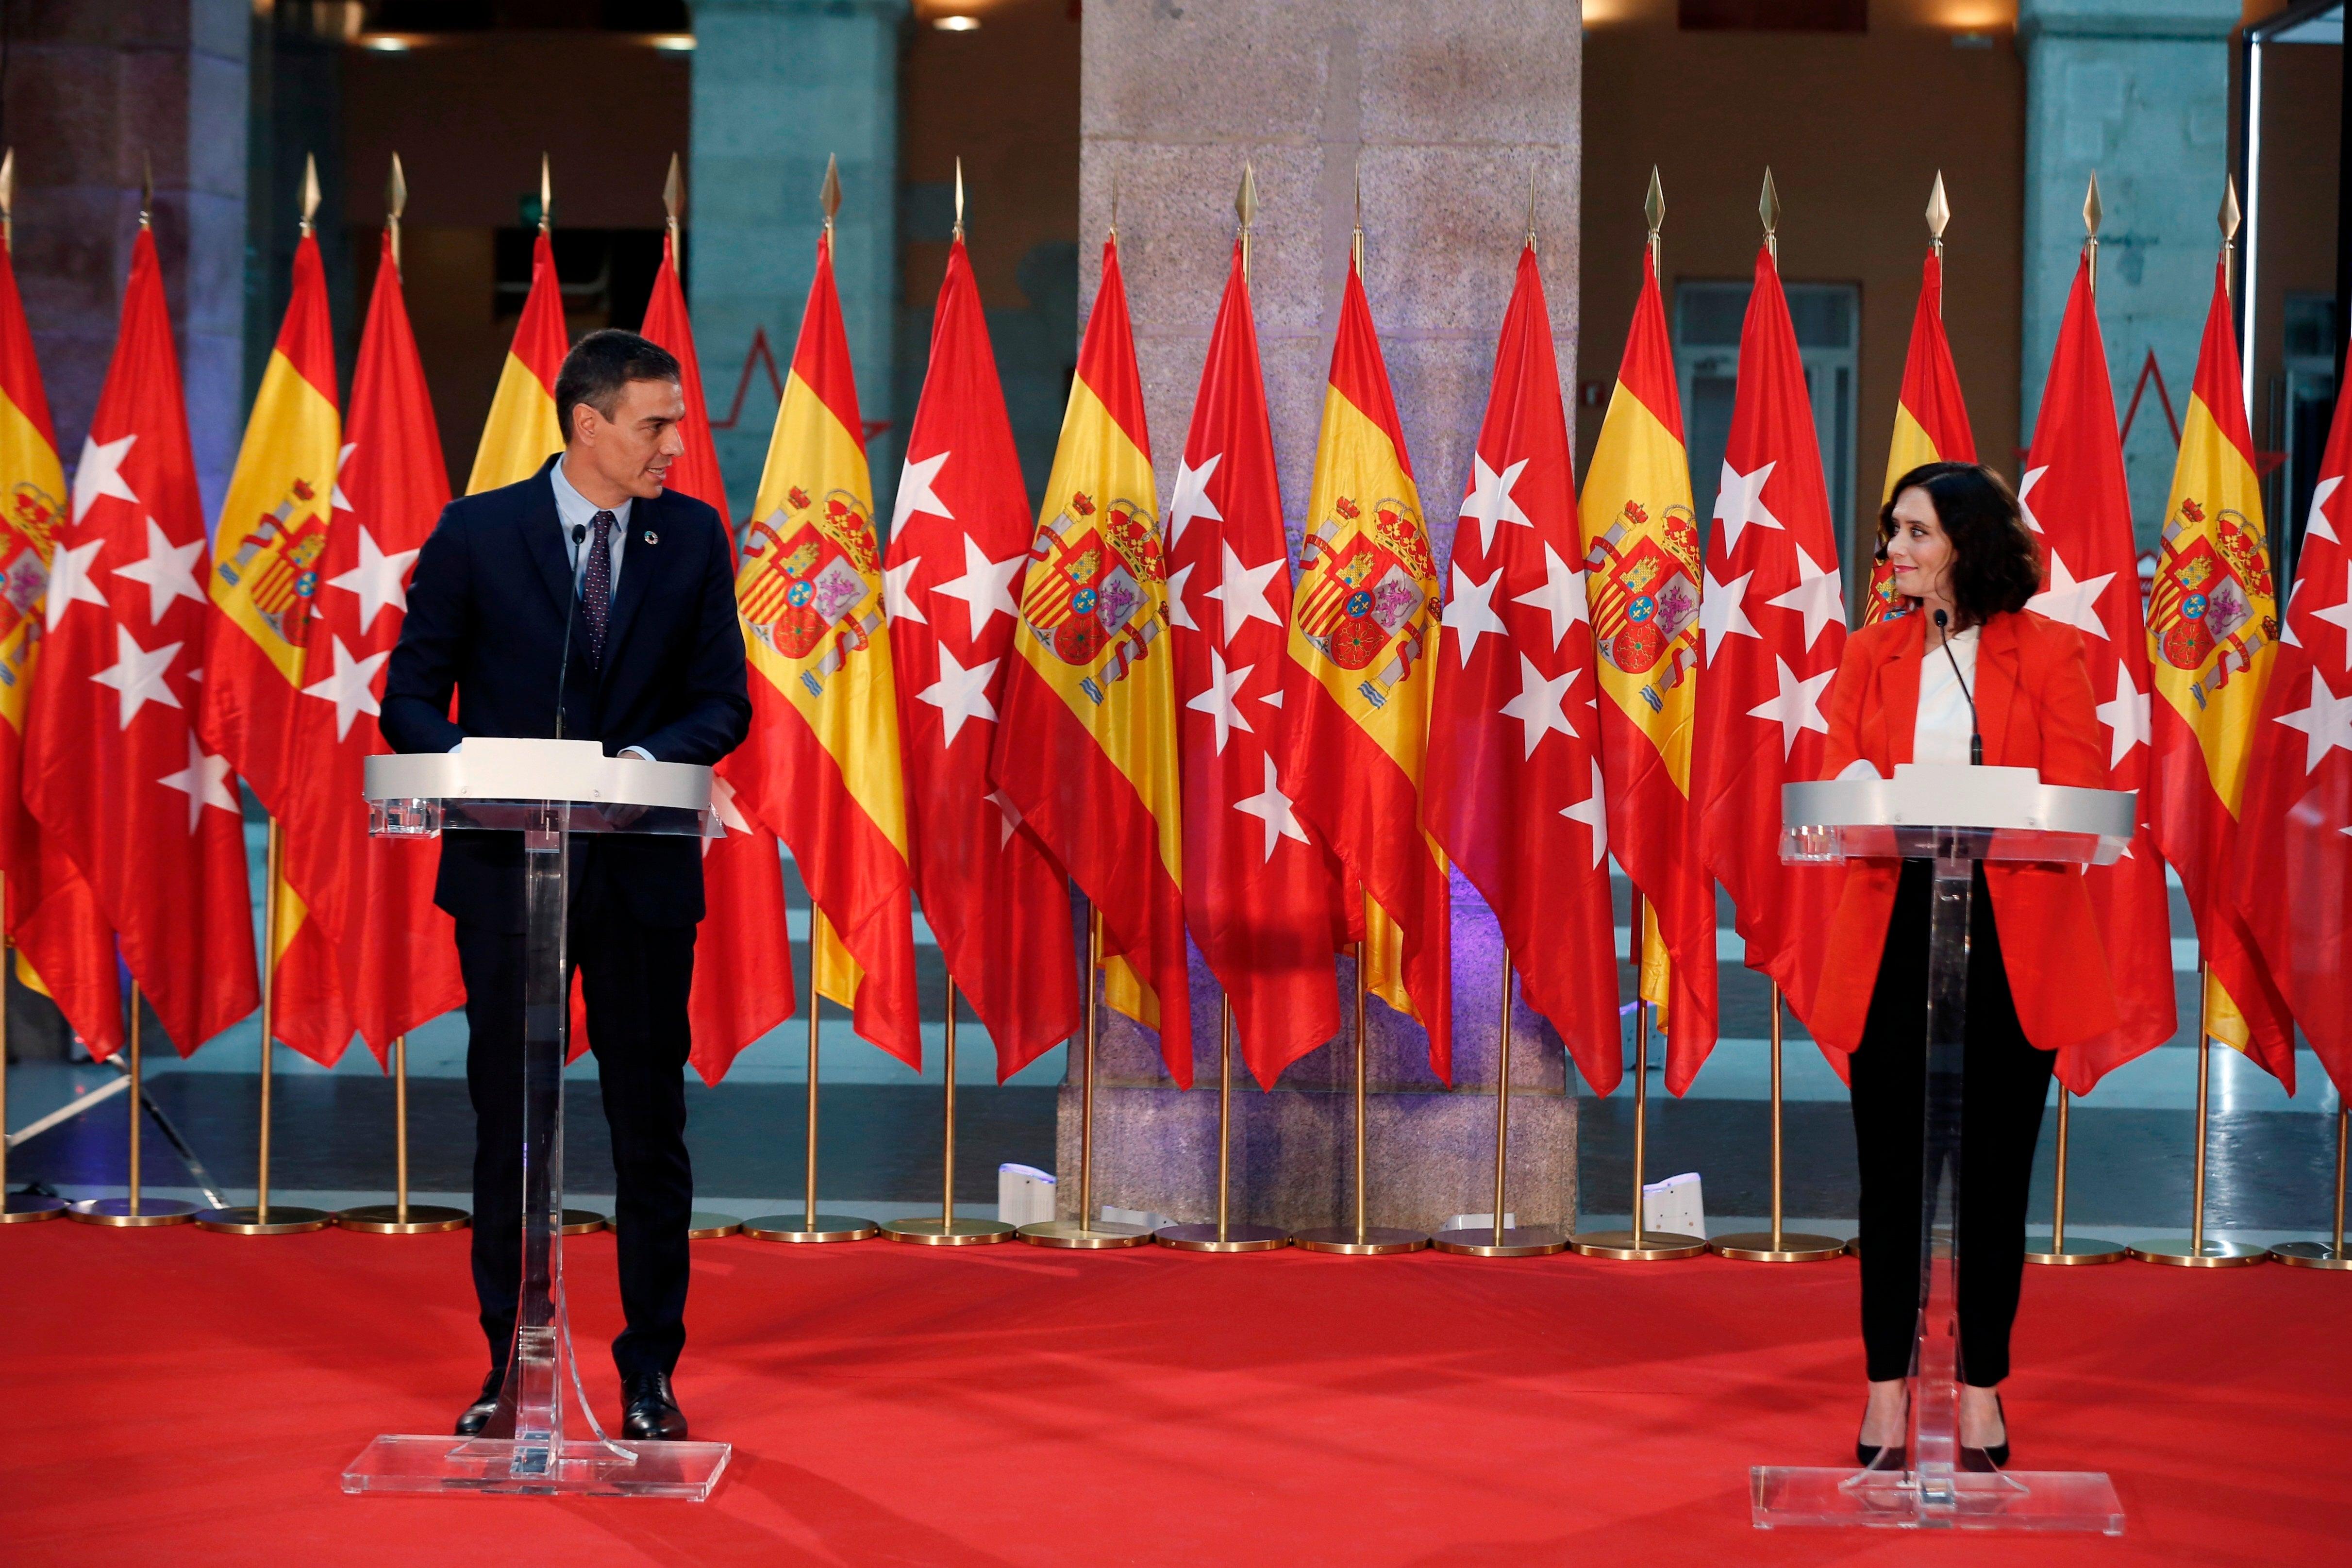 La España que madruga: Los periódicos amanecen con las portadas llena de banderas, a causa de la reunión entre Sánchez y Ayuso